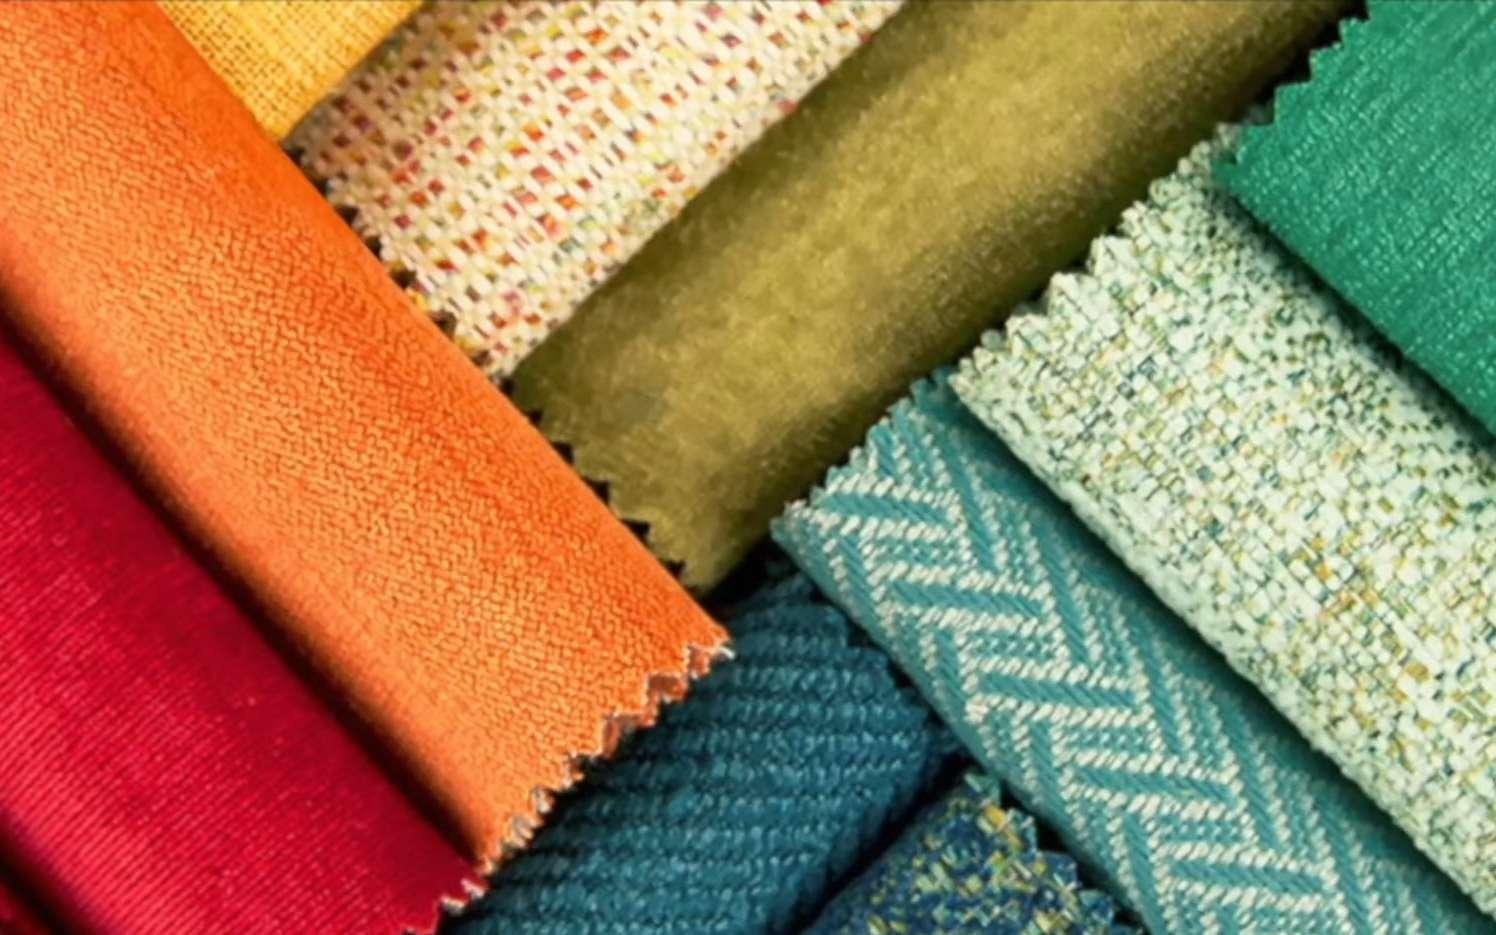 Capacitivo est un tissu intelligent capable de reconnaître les objets posés dessus. © Microsoft